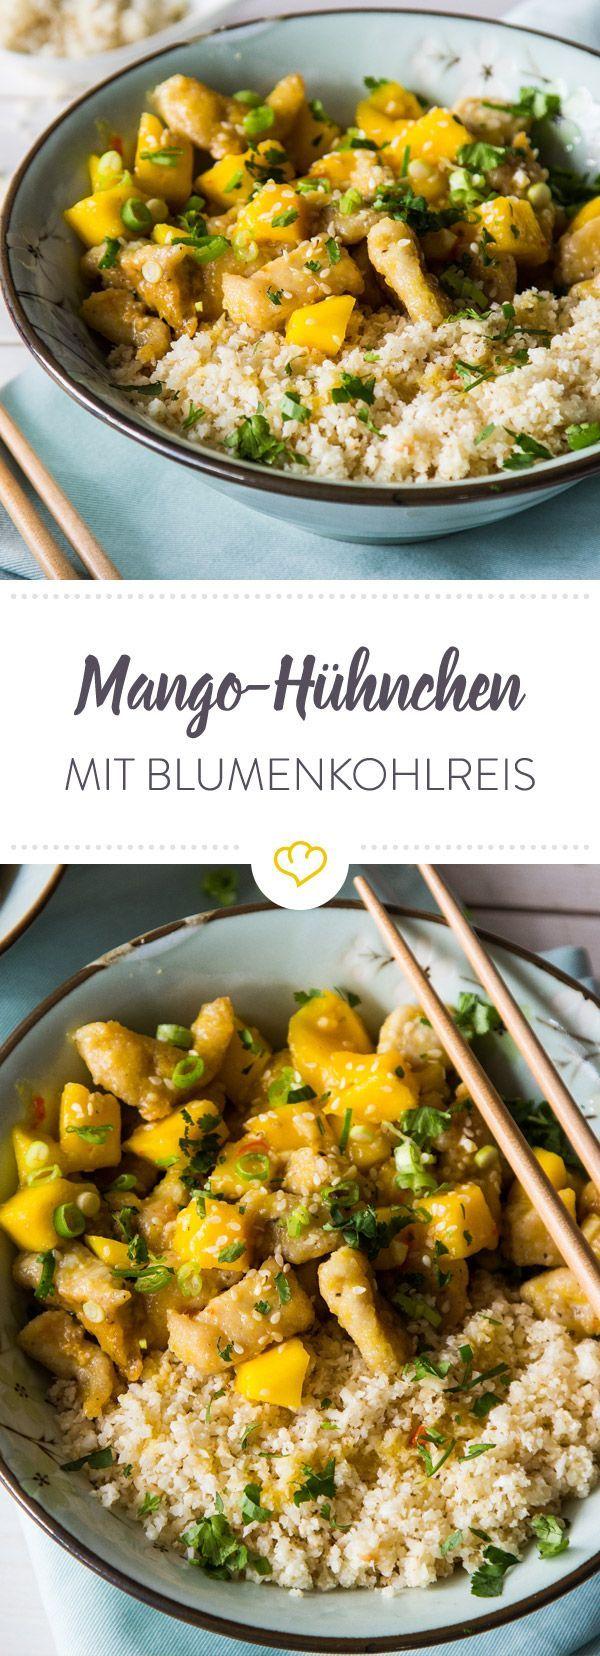 Mango-Hühnchen mit Blumenkohlreis | Rezept | mittaaag ...